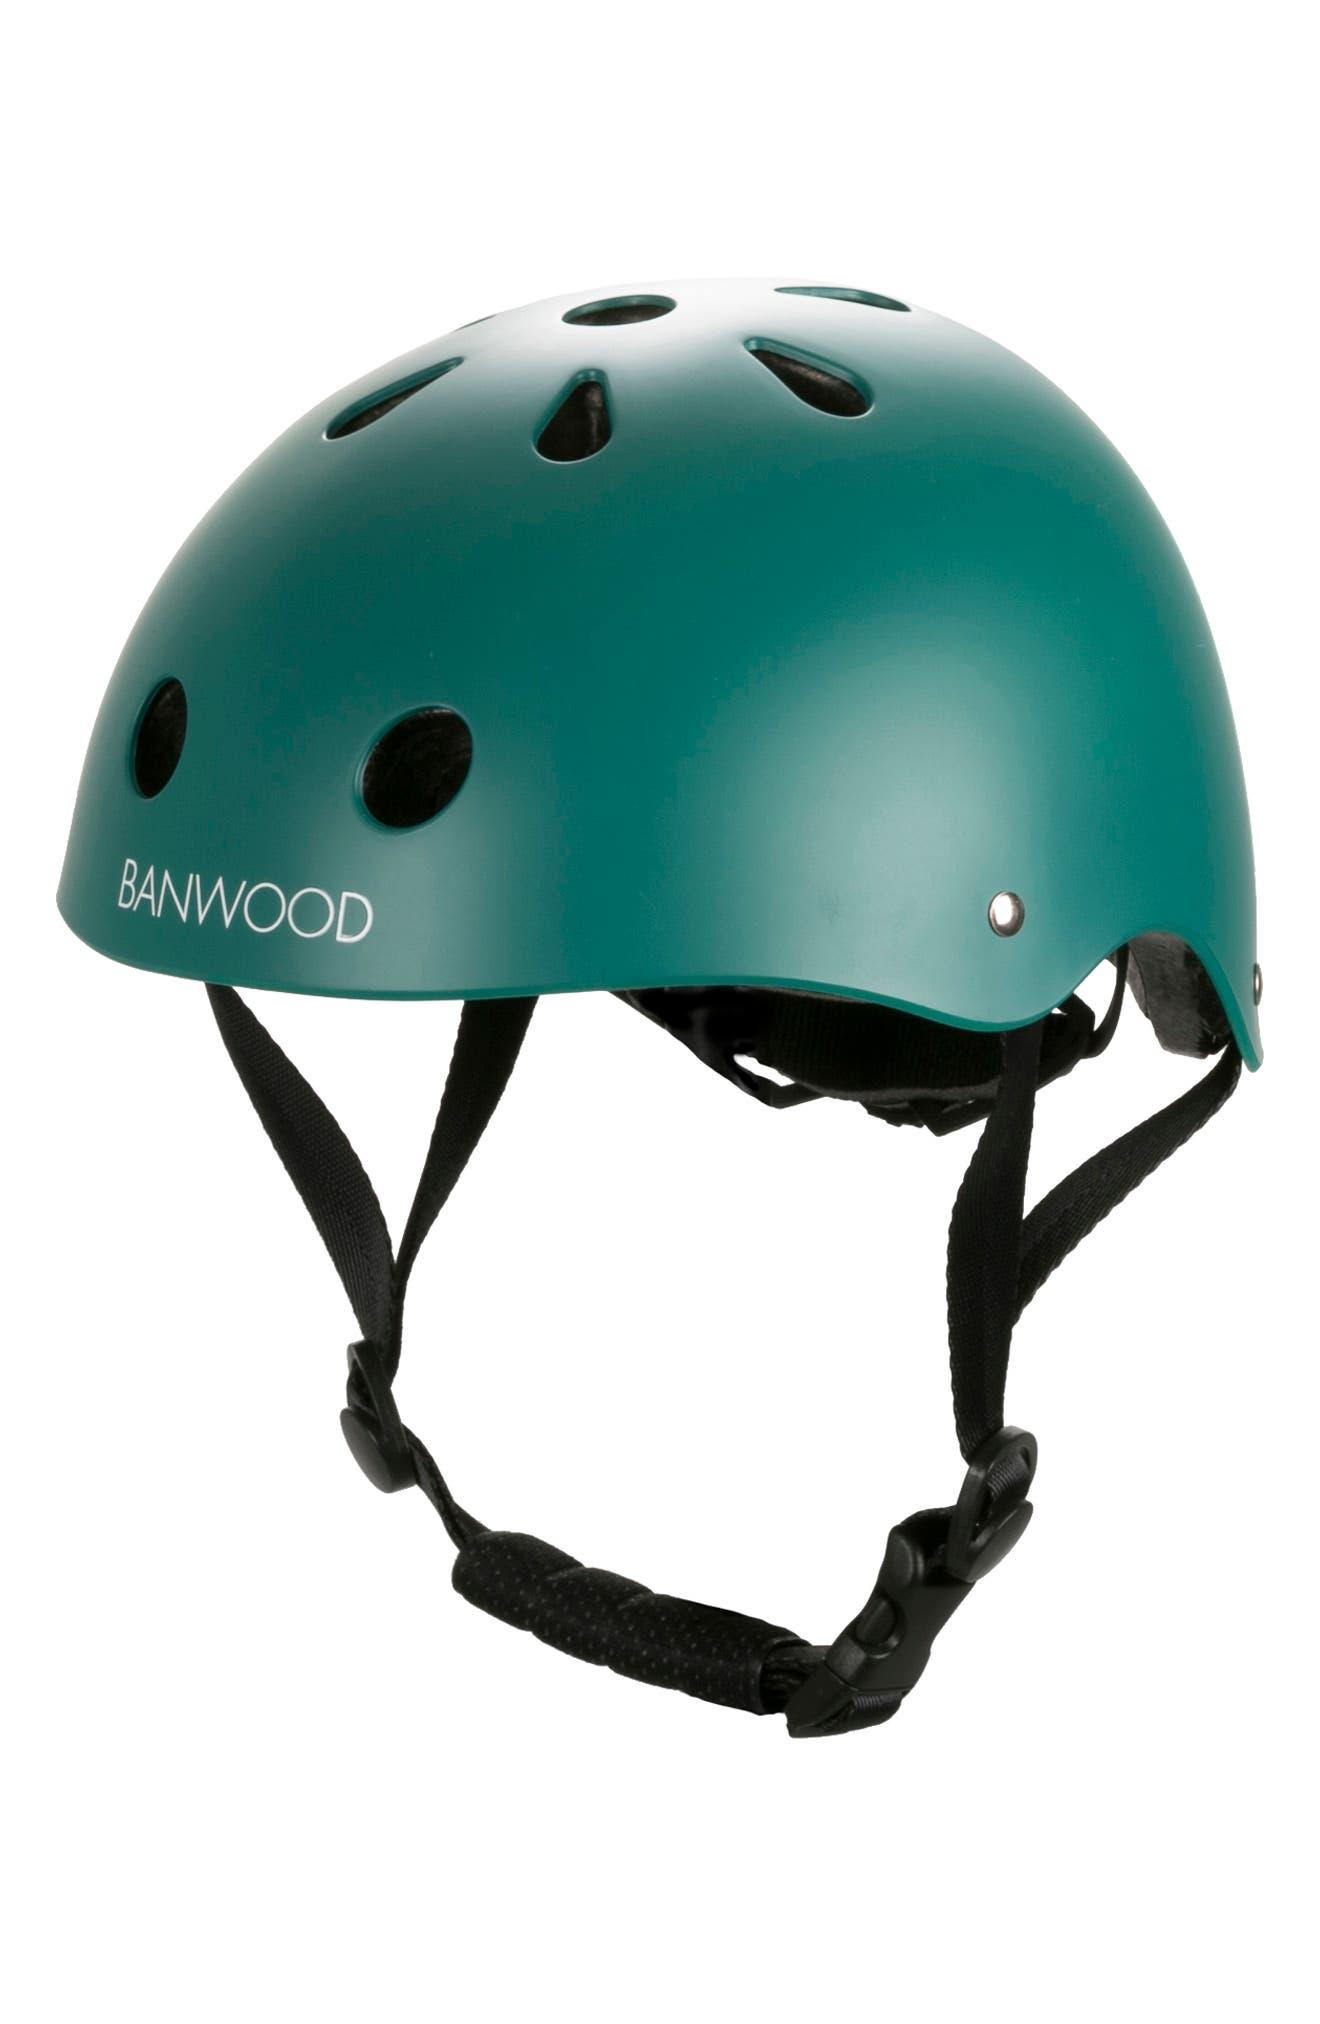 Banwood Bike Helmet - Green